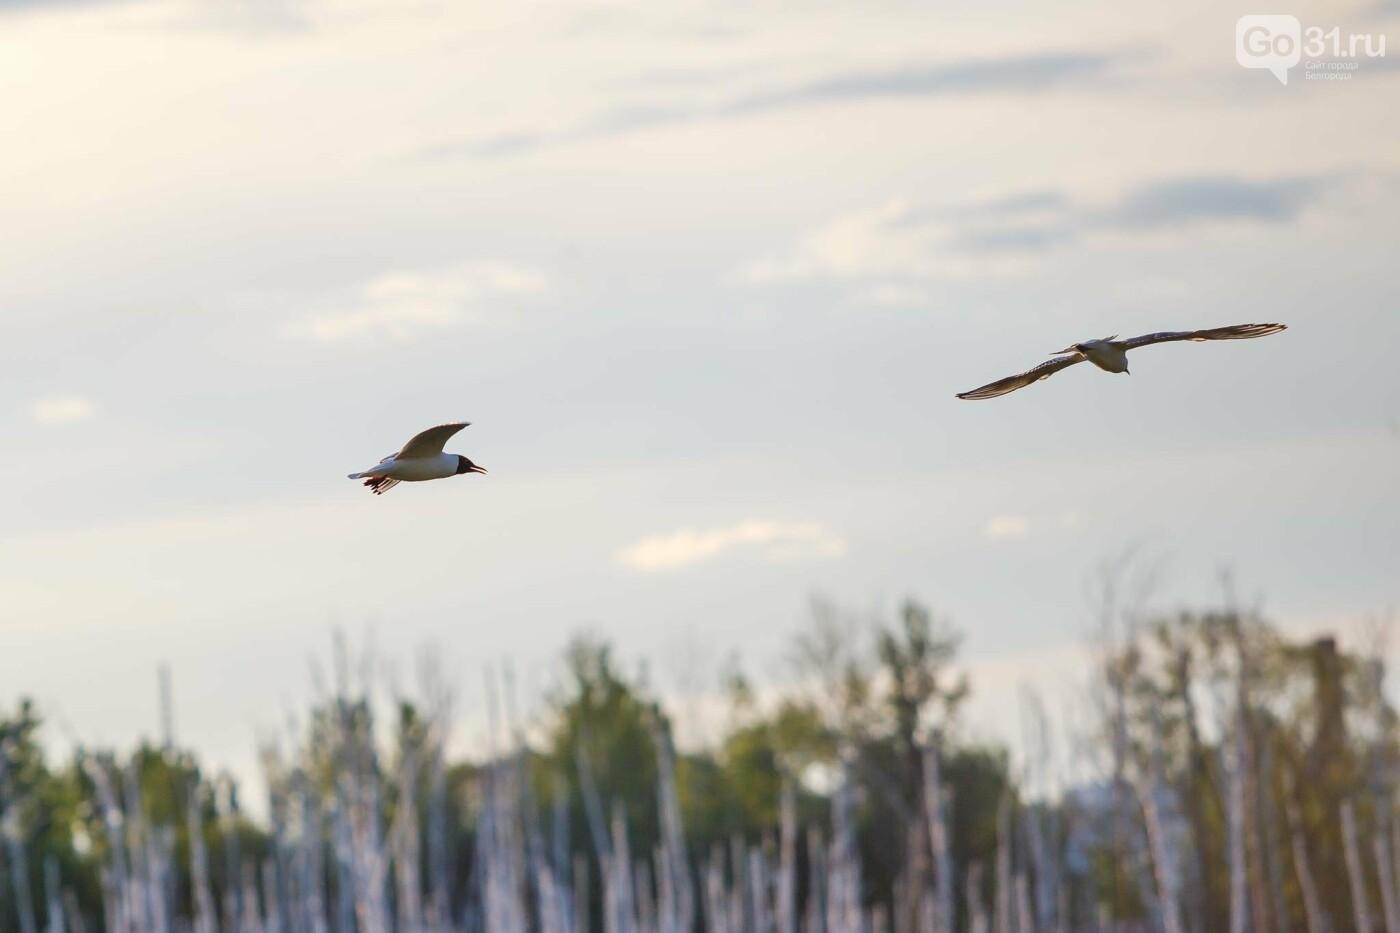 Пролетая над озером. В Белгороде чайки выбрали удобное место обитания, фото-11, Фото: Антон Вергун